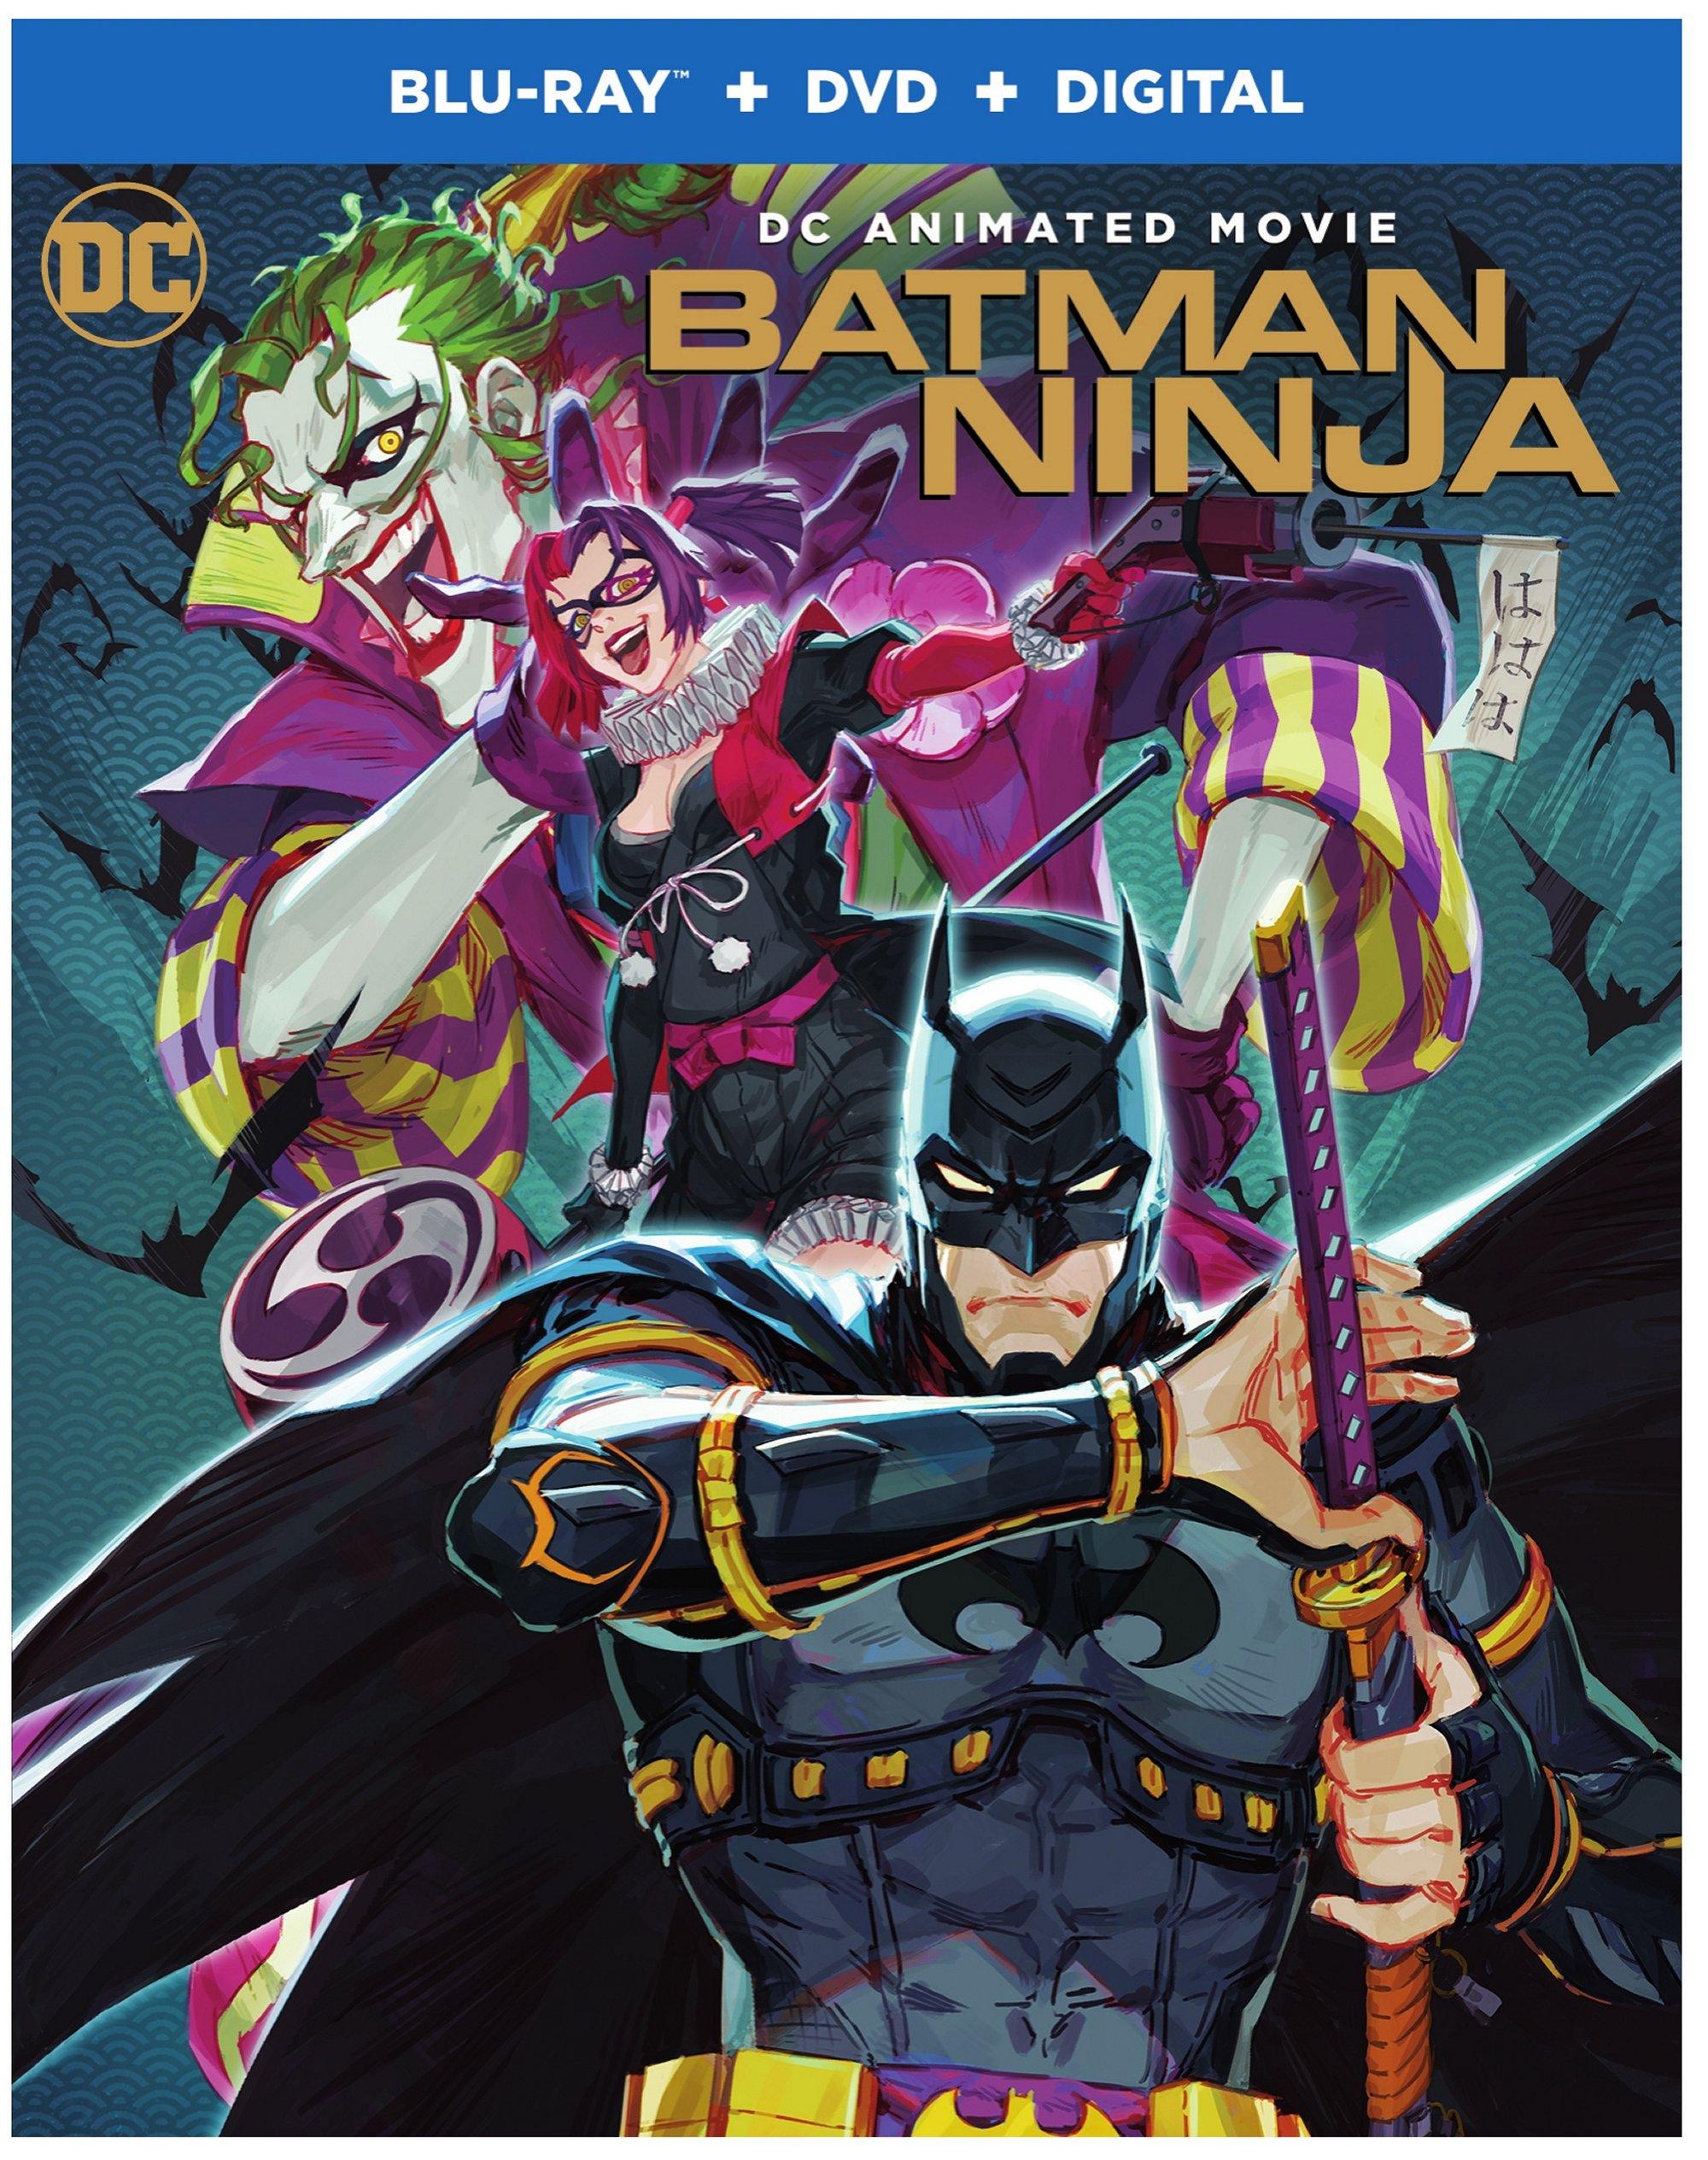 Batman Ninja (Blu-ray + DVD + Digital) - $6.96 + FS on $35+ @ Walmart